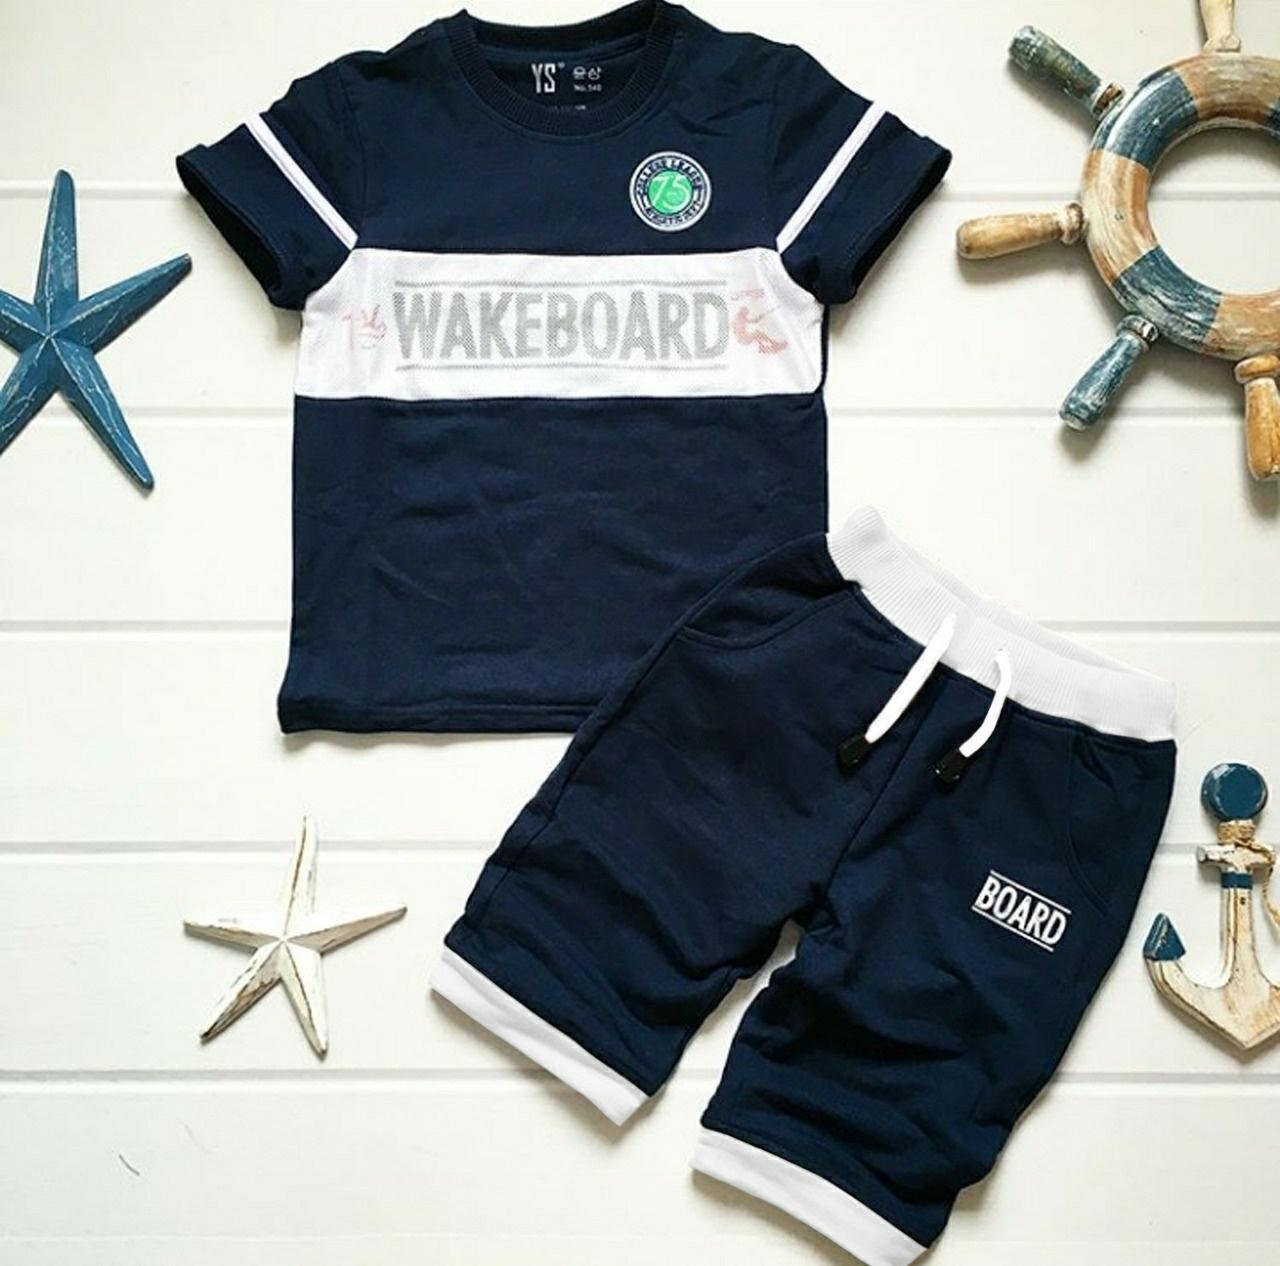 Grosir Hasanah Stelan Kids 2in1 Set wakeboard / Atasan Celana Pendek kids / Fashion Stelan Anak